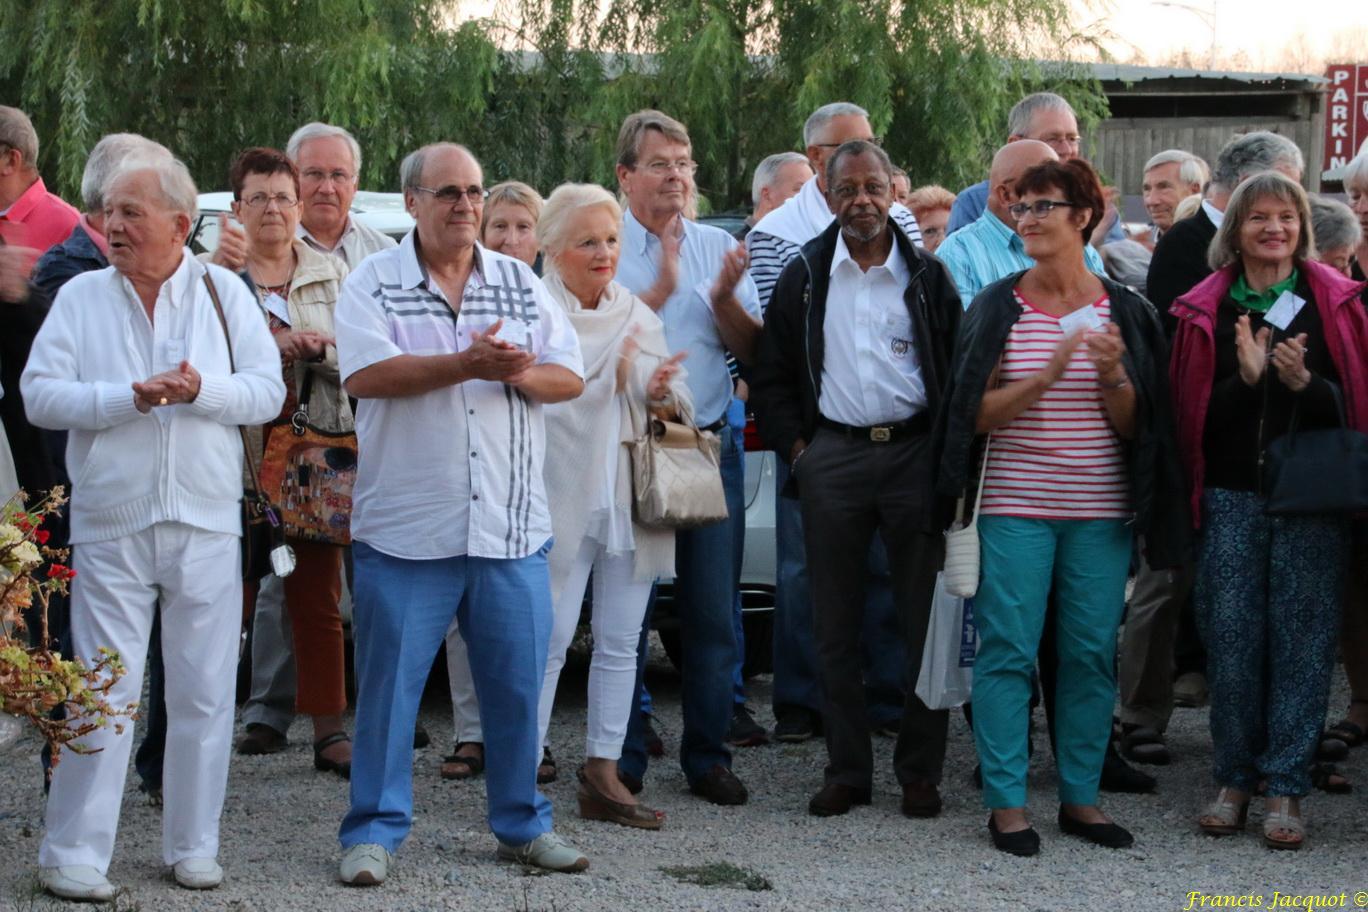 [ Associations anciens Marins ] 65 ème Congrès de l'AGSM 2016 au Grau du Roi 7828921610